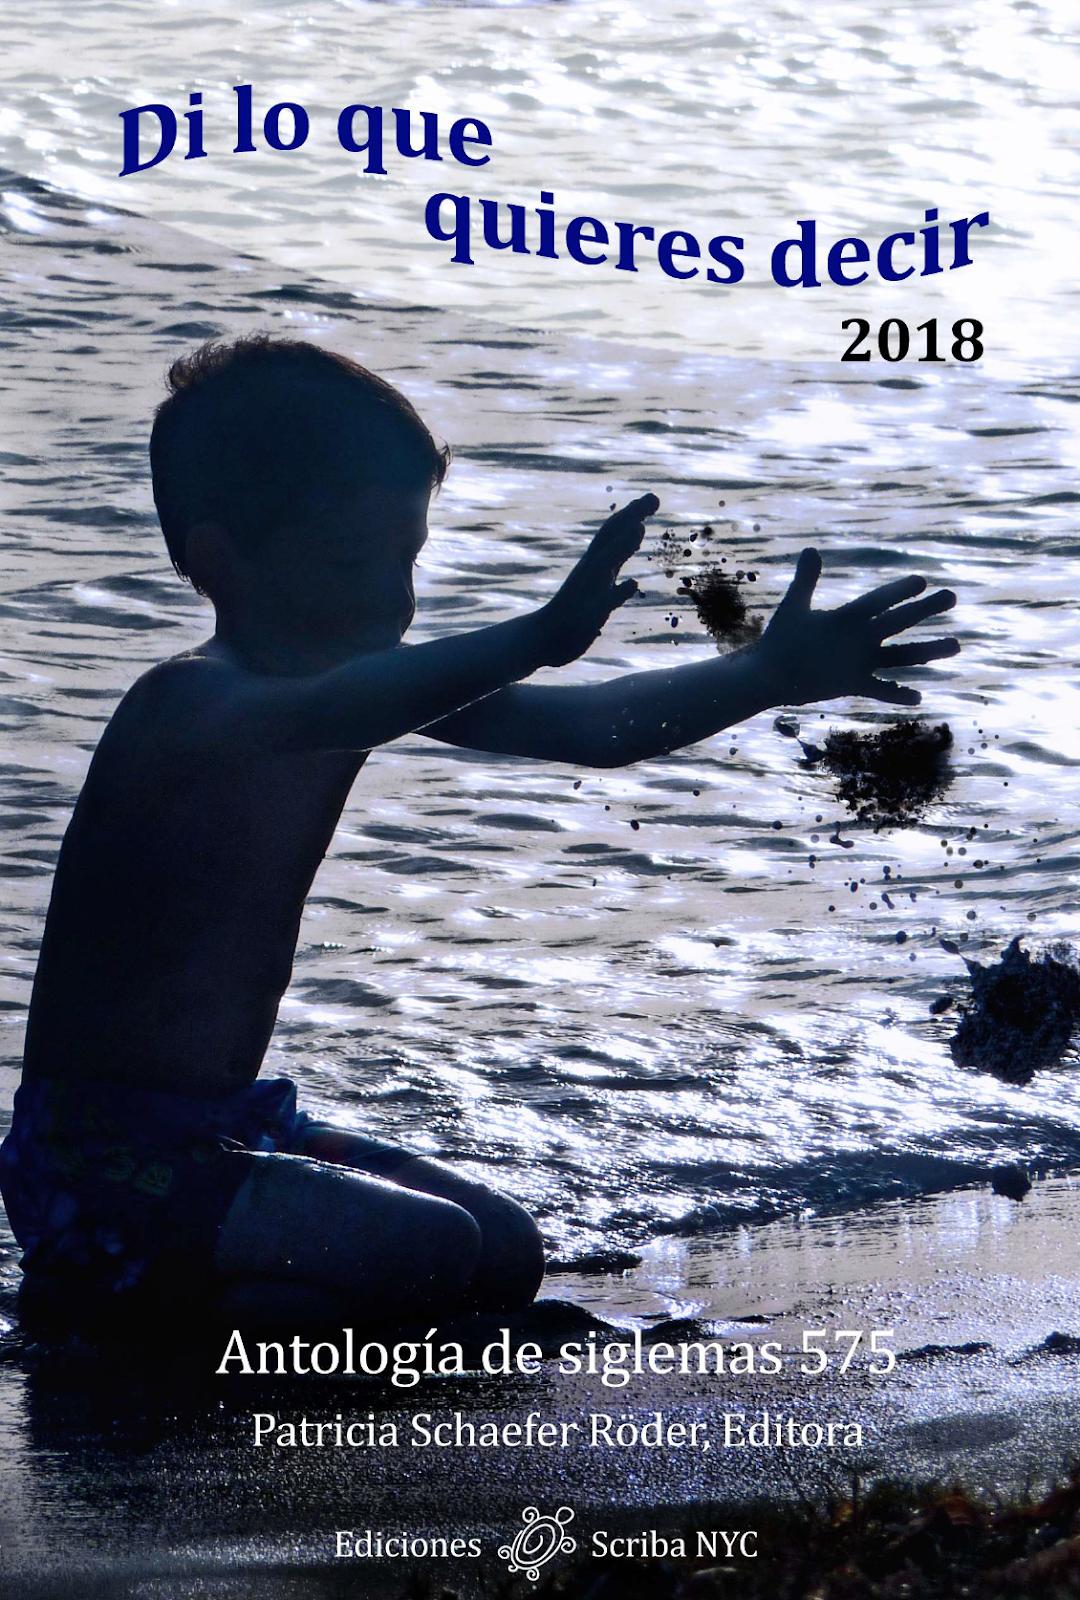 CÓMPRALO AQUÍ: DI LO QUE QUIERES DECIR 2018